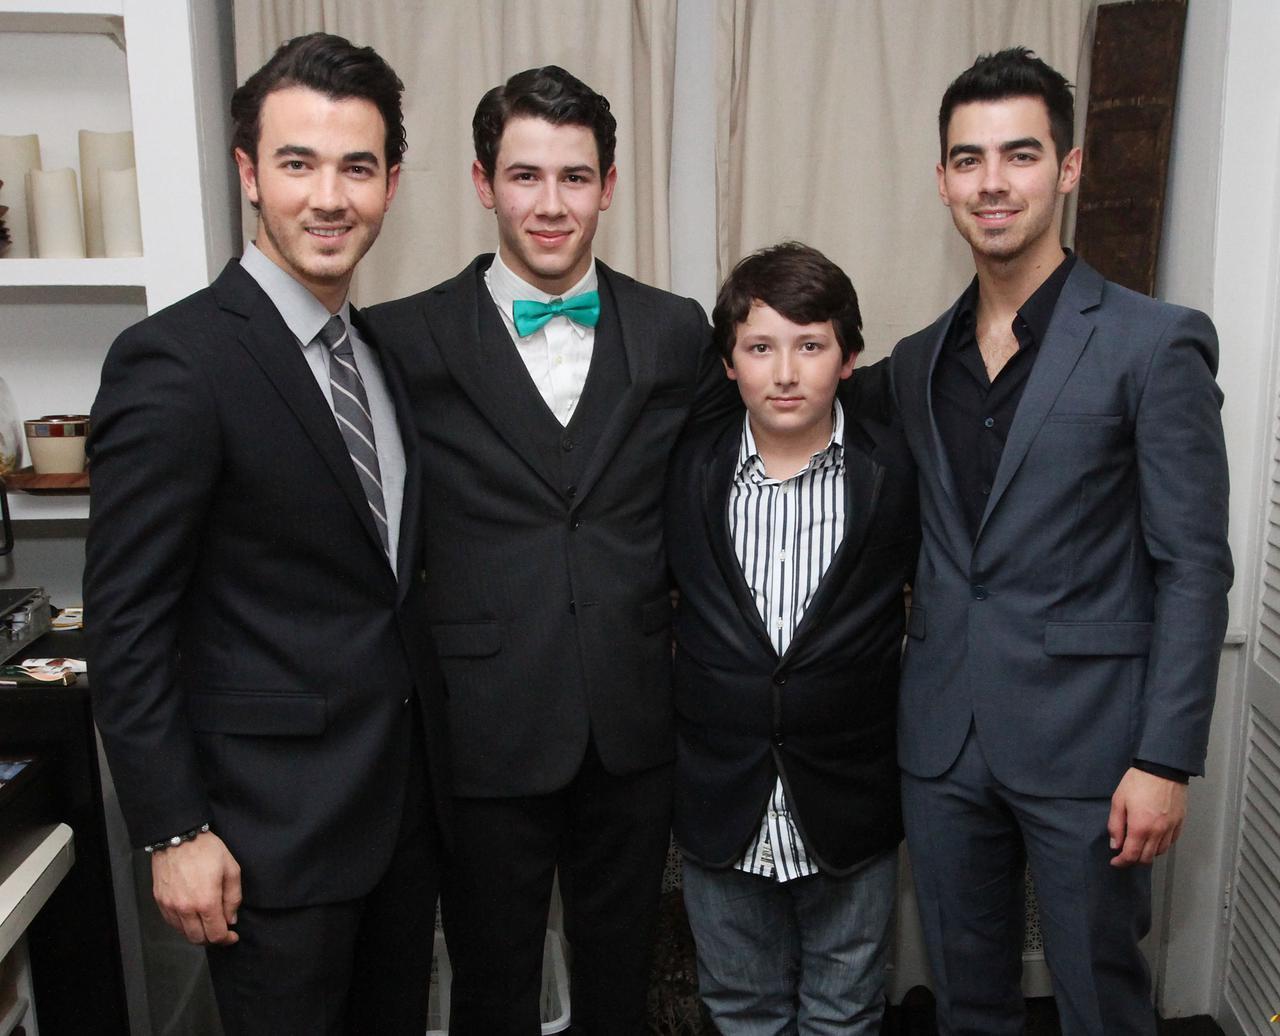 画像: 2012年に撮影された4兄弟の写真。